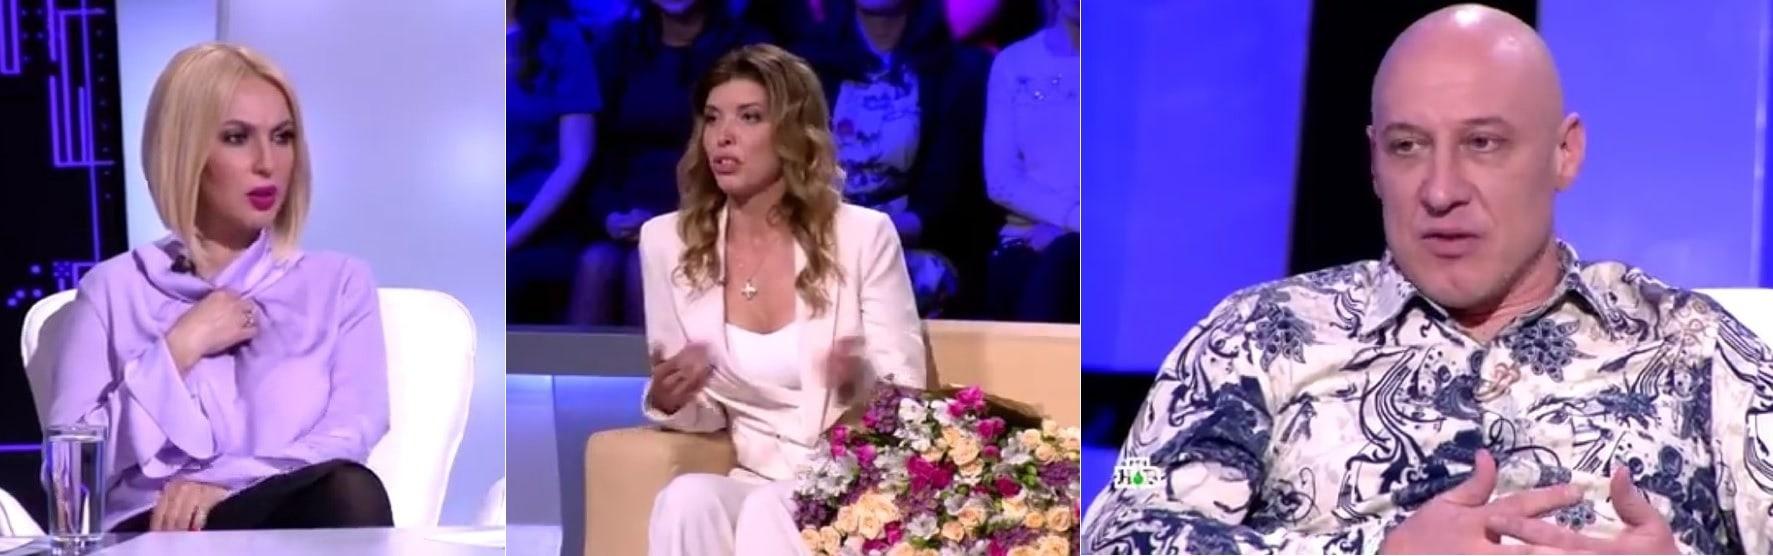 """В программе """"Секрет на Миллион"""" супруги Наталья и Денис Майдановы рассказали о том, как они милосердны, великодушны и мудры."""